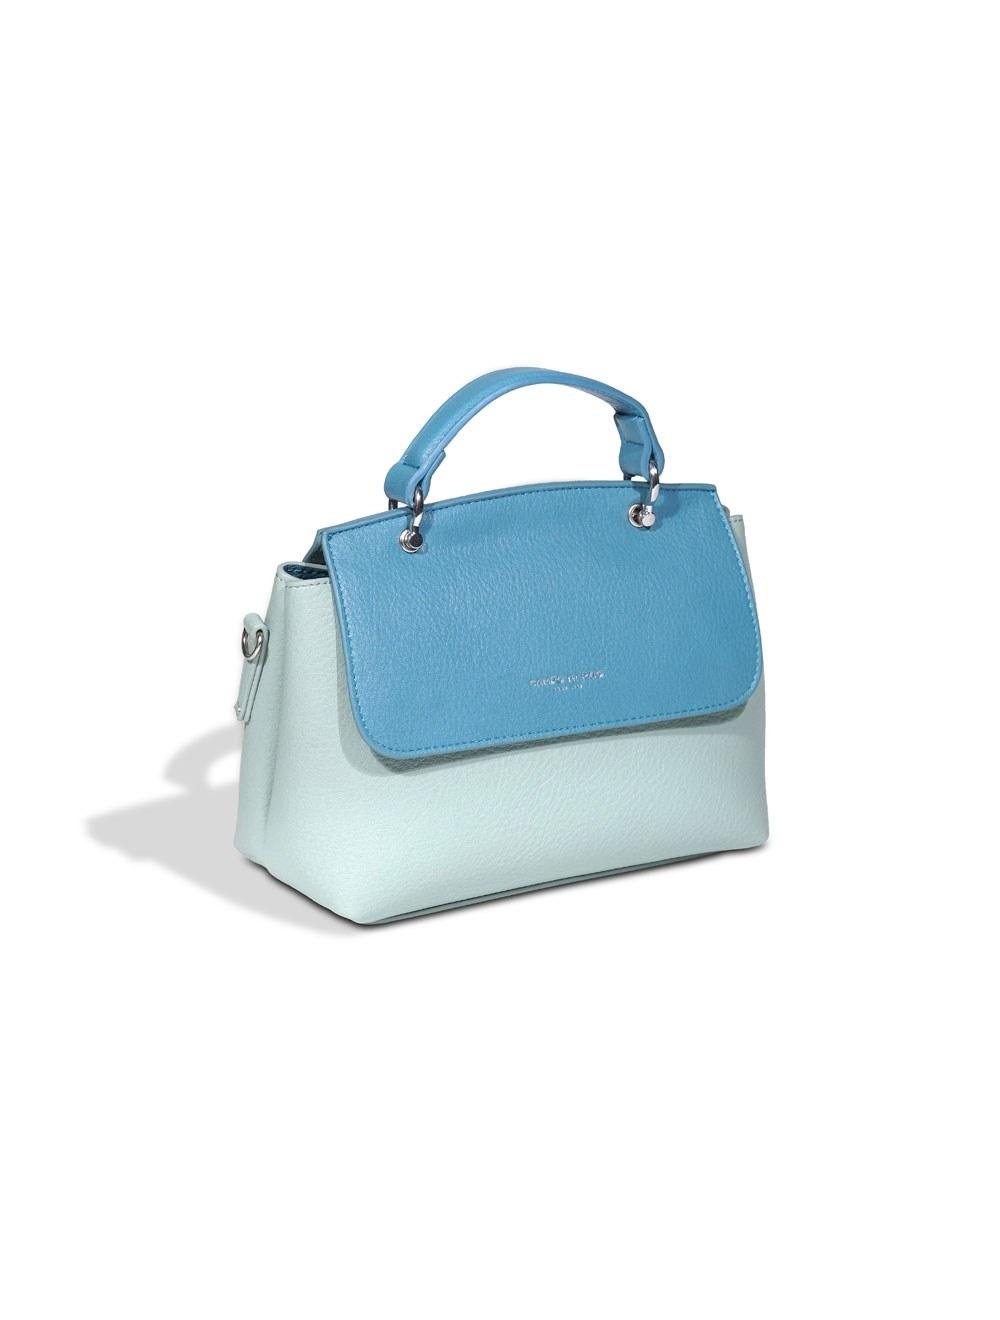 Claire Mini Bag